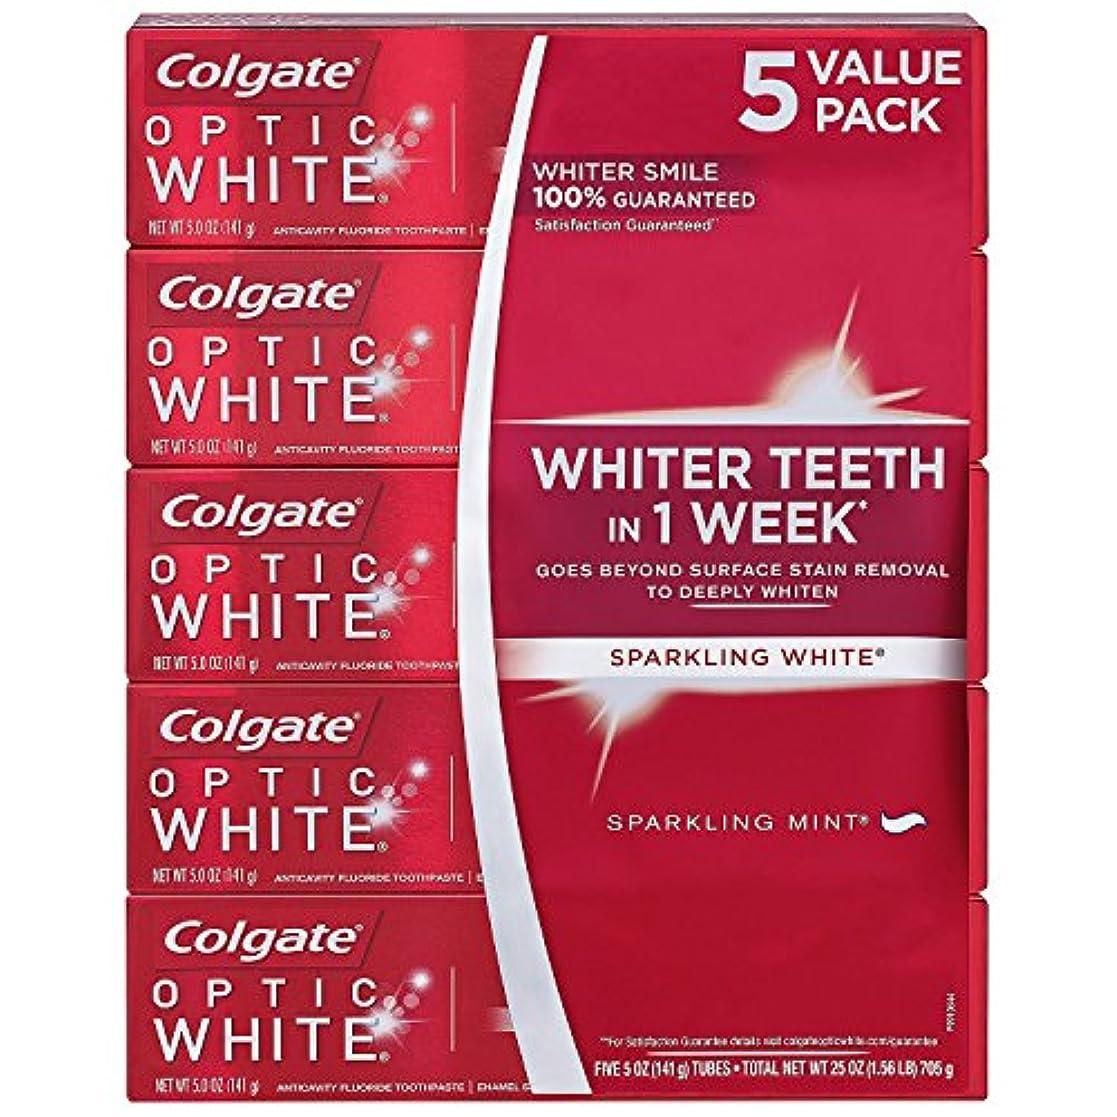 ほとんどないクラッシュまあ海外直送品 Colgate Optic White コルゲート オプティック ホワイト スパークリングミント141g ×5本 [Pack of 5]